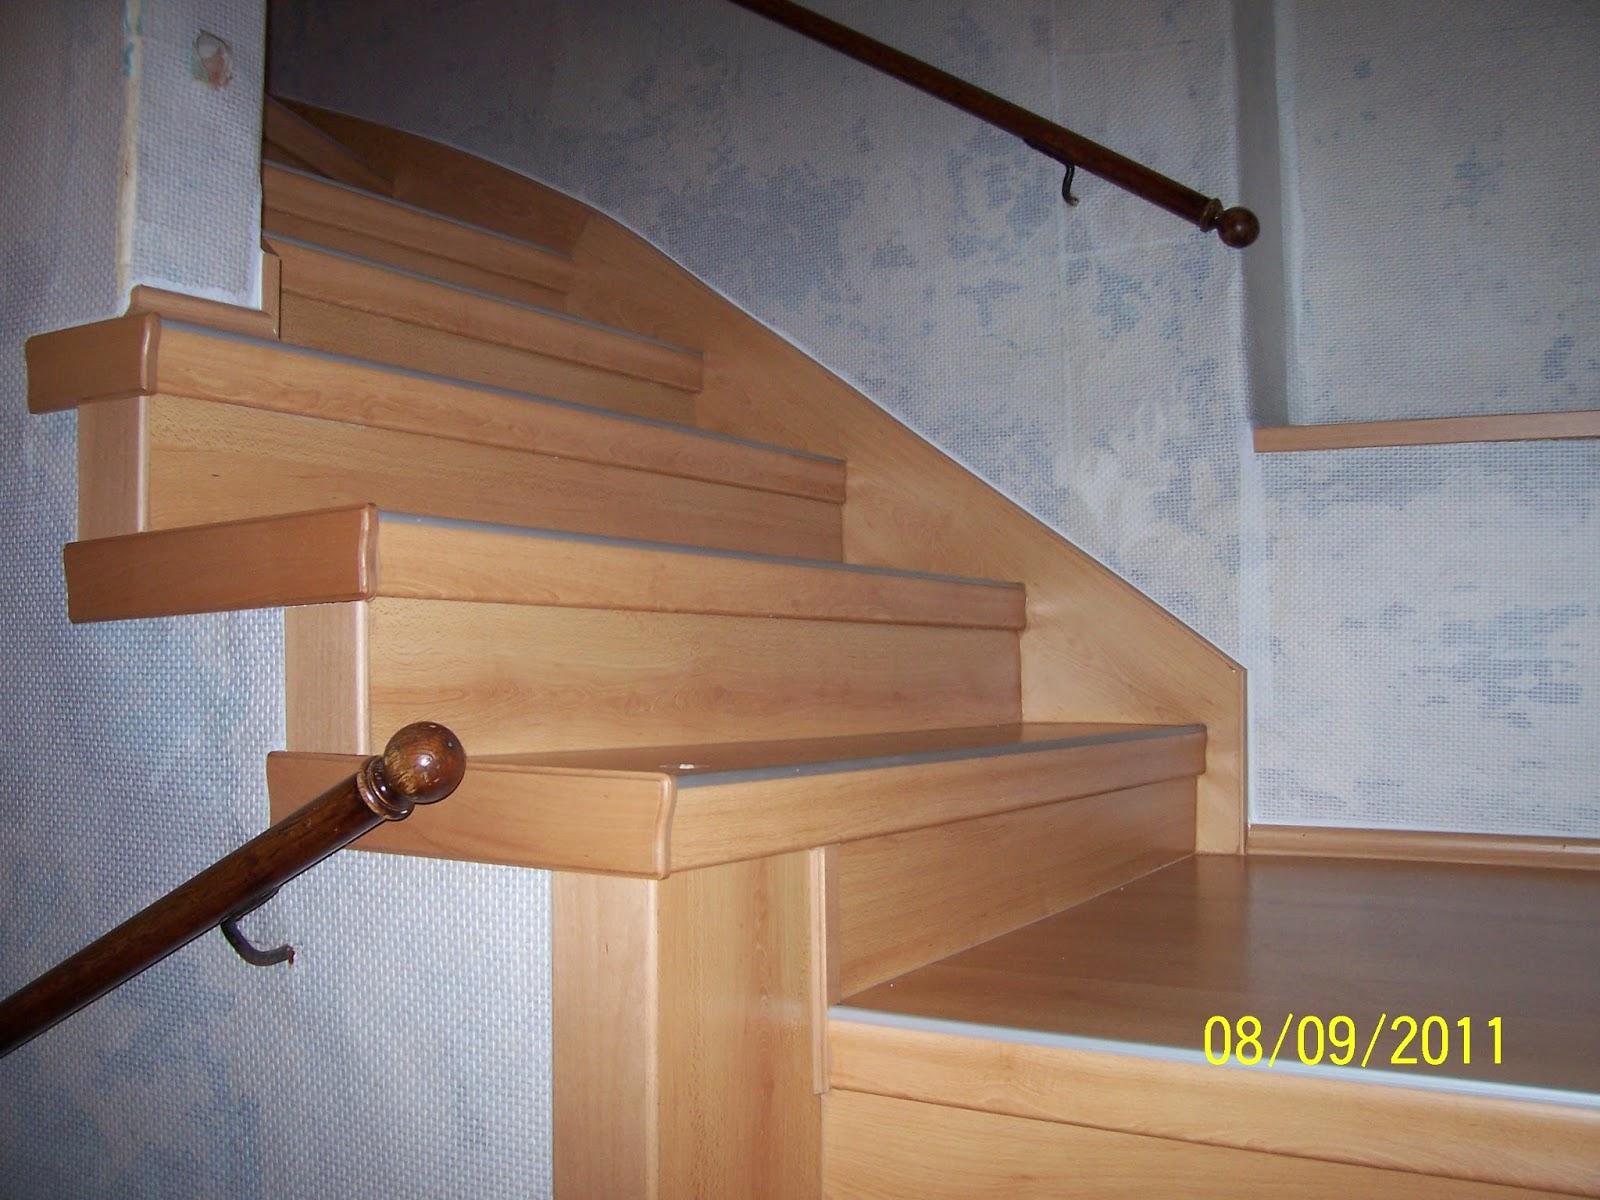 h k treppenrenovierung. Black Bedroom Furniture Sets. Home Design Ideas